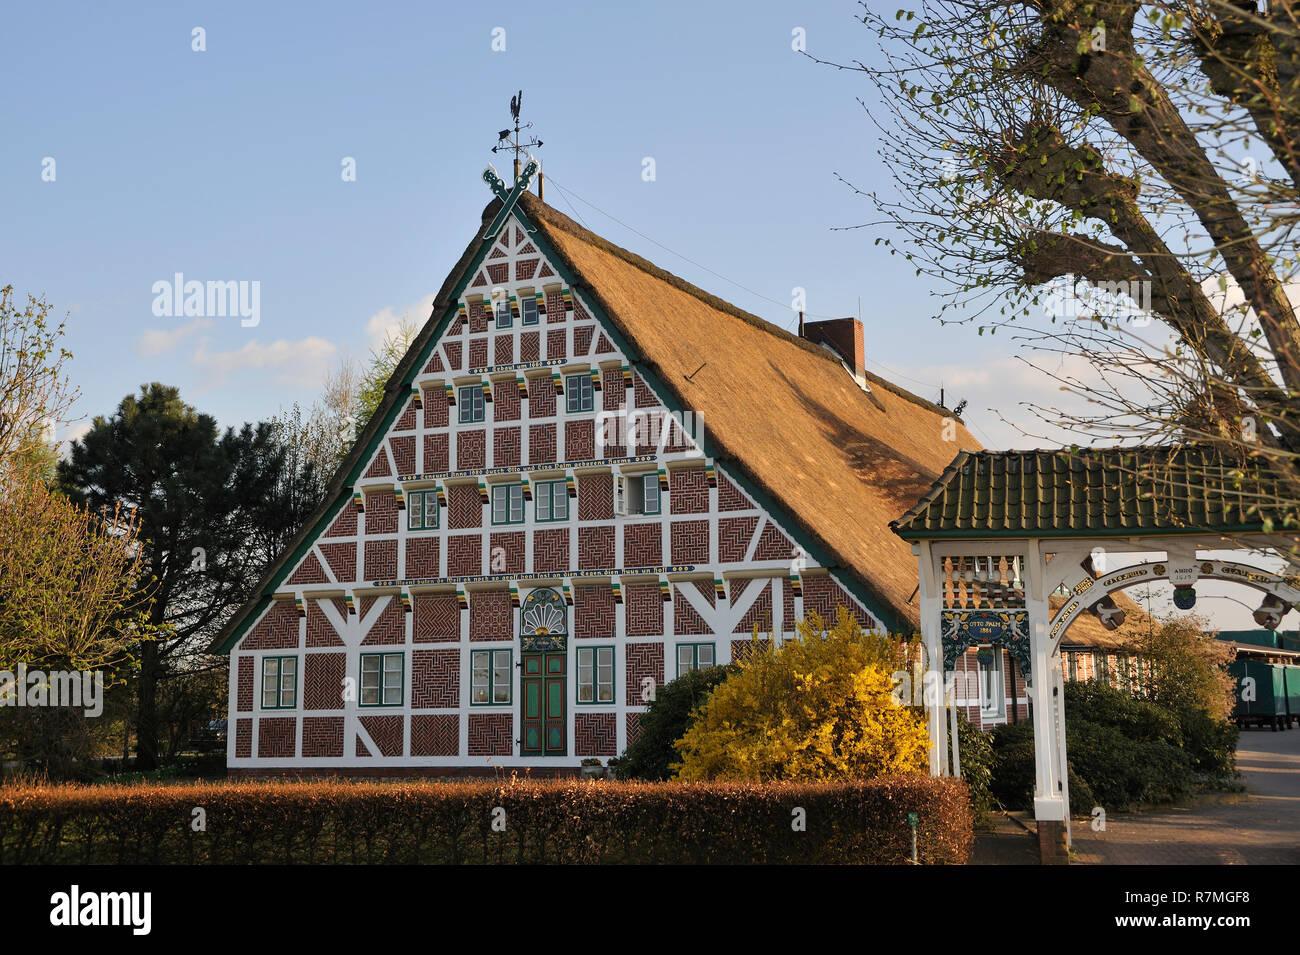 Altländer Bauernhaus mit weißer Prunkpforte, erbaut von Otto Palm um 1660, Stellmacherstraße 9, Neuenfelde, Stadtteil der Freien und Hansestadt Hambur Stock Photo